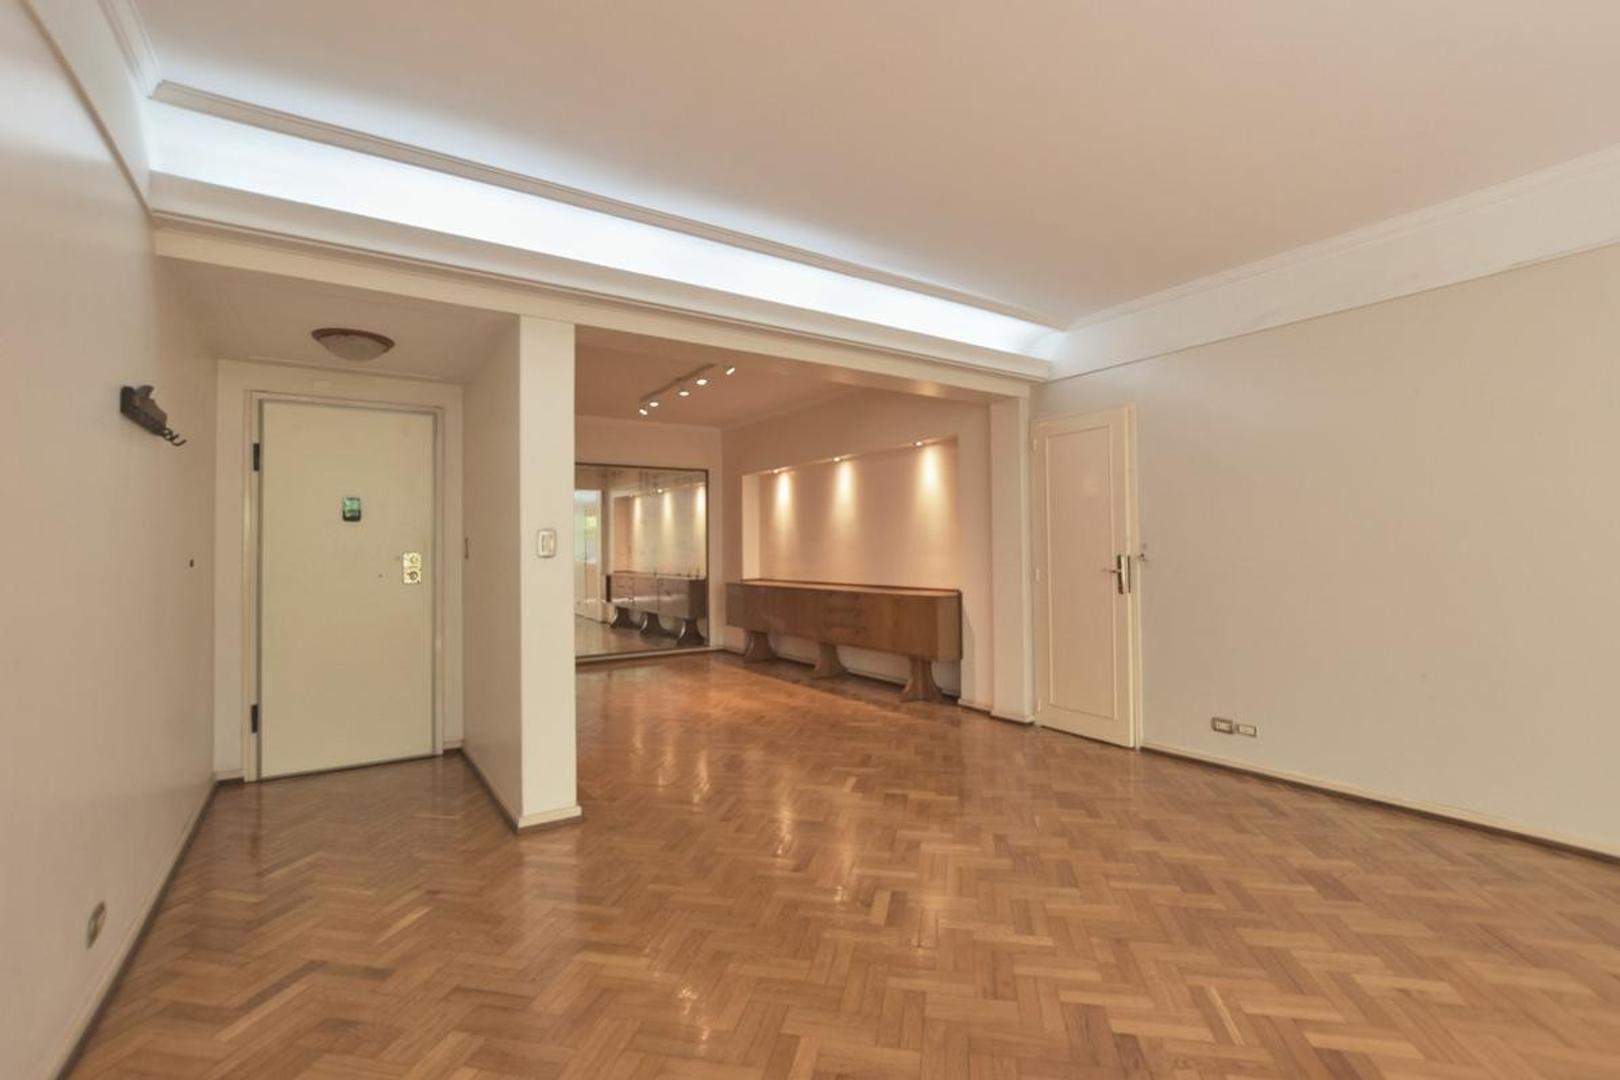 Departamento - 160 m² | 3 dormitorios | 50 años